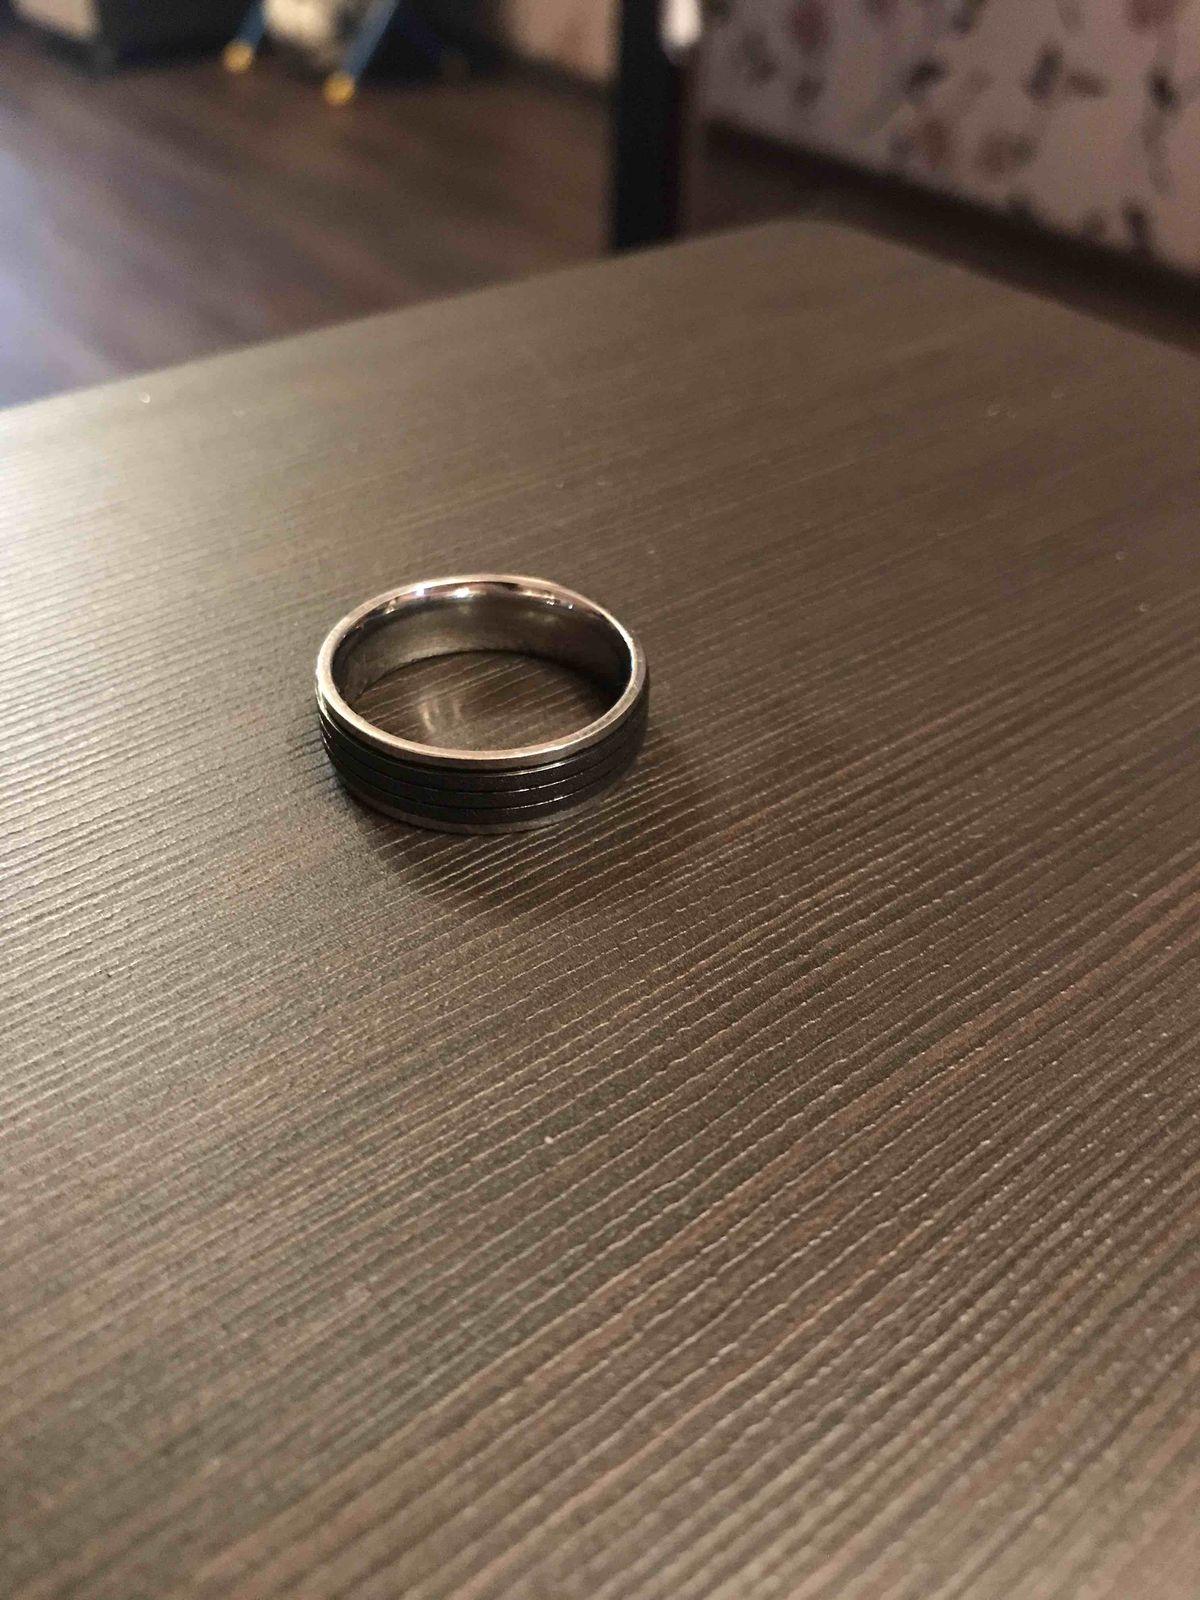 Что же я могу сказать по поводу этого кольца 🙂